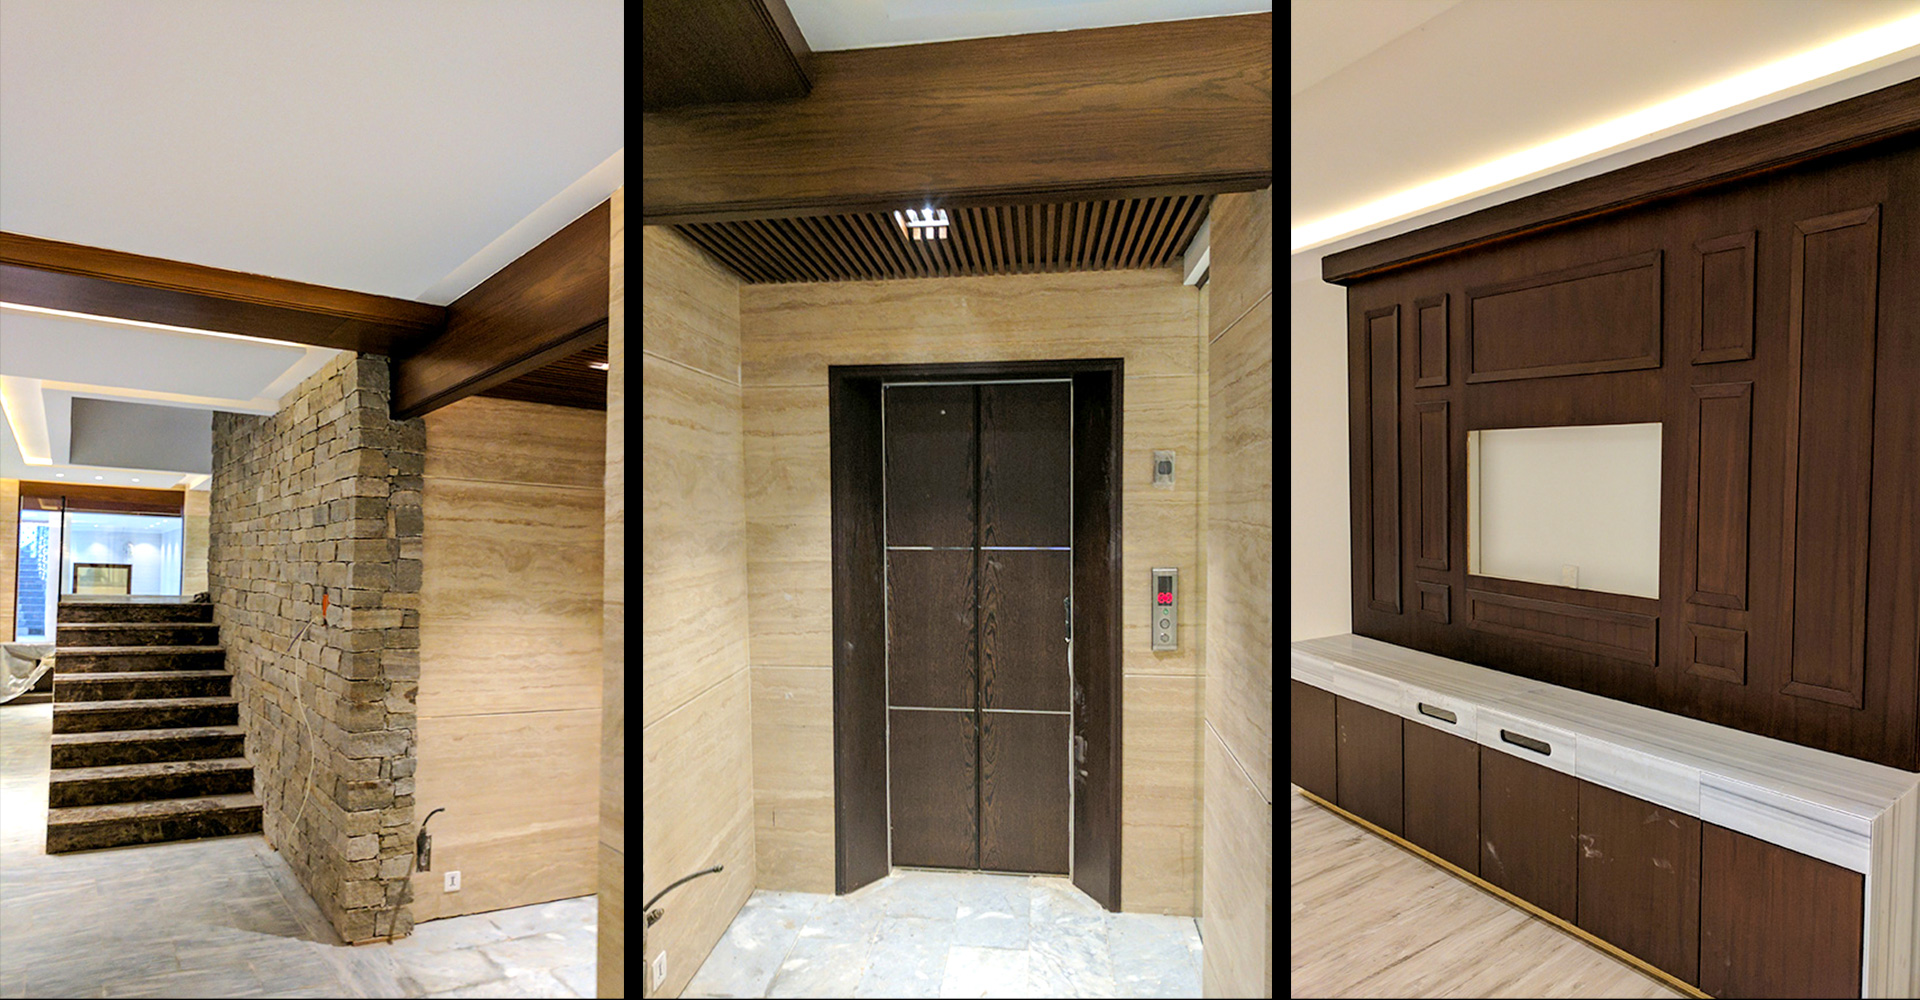 Residential-Interior-Design-Hiline-Lahore-portfolio-65J-DHA-EME-05 (21)